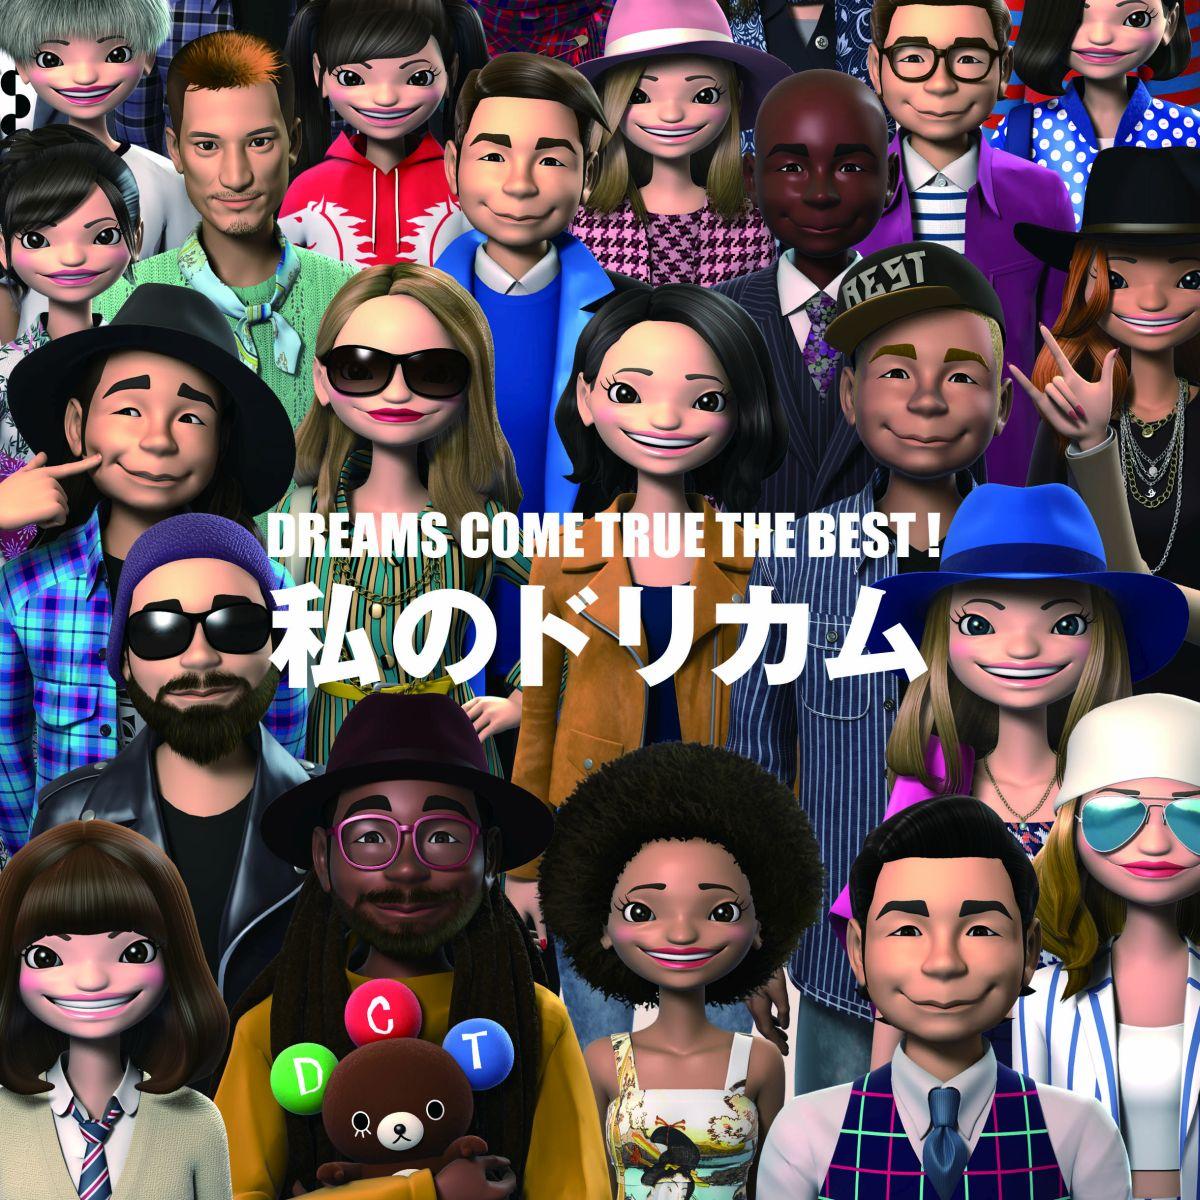 楽天ブックス: DREAMS COME TRUE THE BEST!私のドリカム (3CD) - DREAMS COME ...